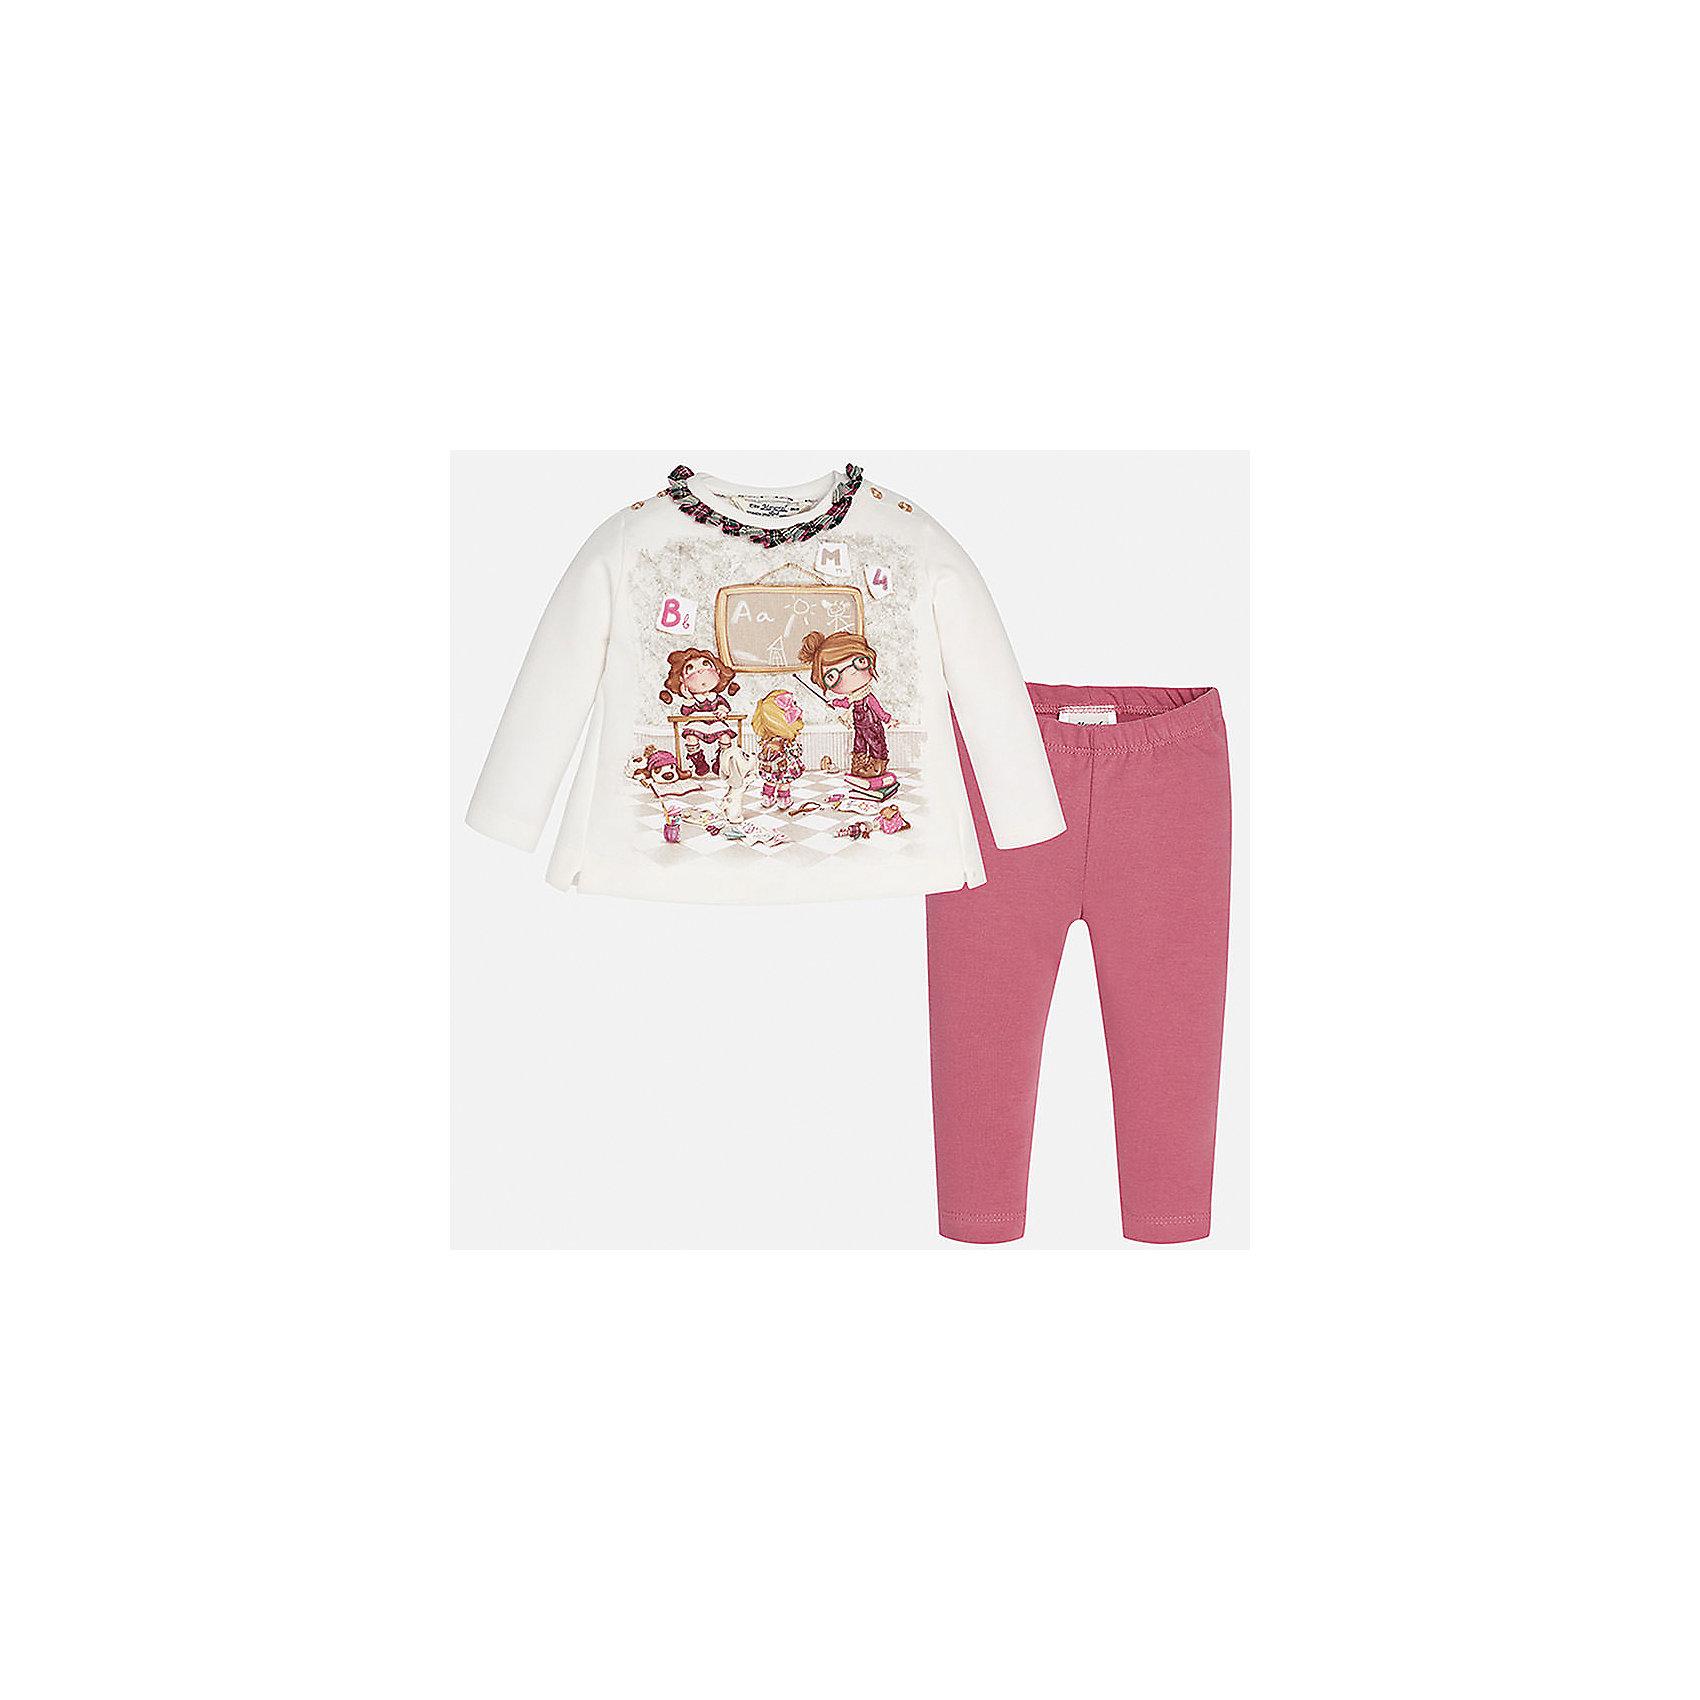 Комплект:футболка и леггинсы для девочки MayoralКомплекты<br>Комплект от Mayoral - стильный и практичный вариант для юных модниц! Футболка с длинным рукавом оформлена ярким принтом, контрастной оборкой по вороту, спинка декорирована небольшими складками и бантом. Ярко-розовые леггинсы на поясе с резинкой отлично смотрятся на фигуре, не вытягиваются, не сковывают движения.<br><br>Дополнительная информация:<br><br>- Мягкая трикотажная ткань.<br>- Комплектация: футболка с длинным рукавом, леггинсы. <br>- Футболка застегивается на кнопки на плечах.<br>- Округлый вырез горловины.<br>- Принт, контрастная оборка.<br>- Декоративные складки, бант на спине. <br>- Леггинсы на эластичном поясе с резинкой.  <br>Состав: <br> 95% хлопок,  5% эластан.<br><br>Комплект: футболку и леггинсы для девочки Mayoral (Майорал), белый/розовый, можно купить в нашем магазине.<br><br>Ширина мм: 123<br>Глубина мм: 10<br>Высота мм: 149<br>Вес г: 209<br>Цвет: красный<br>Возраст от месяцев: 6<br>Возраст до месяцев: 9<br>Пол: Женский<br>Возраст: Детский<br>Размер: 74,80,86,92<br>SKU: 4846209